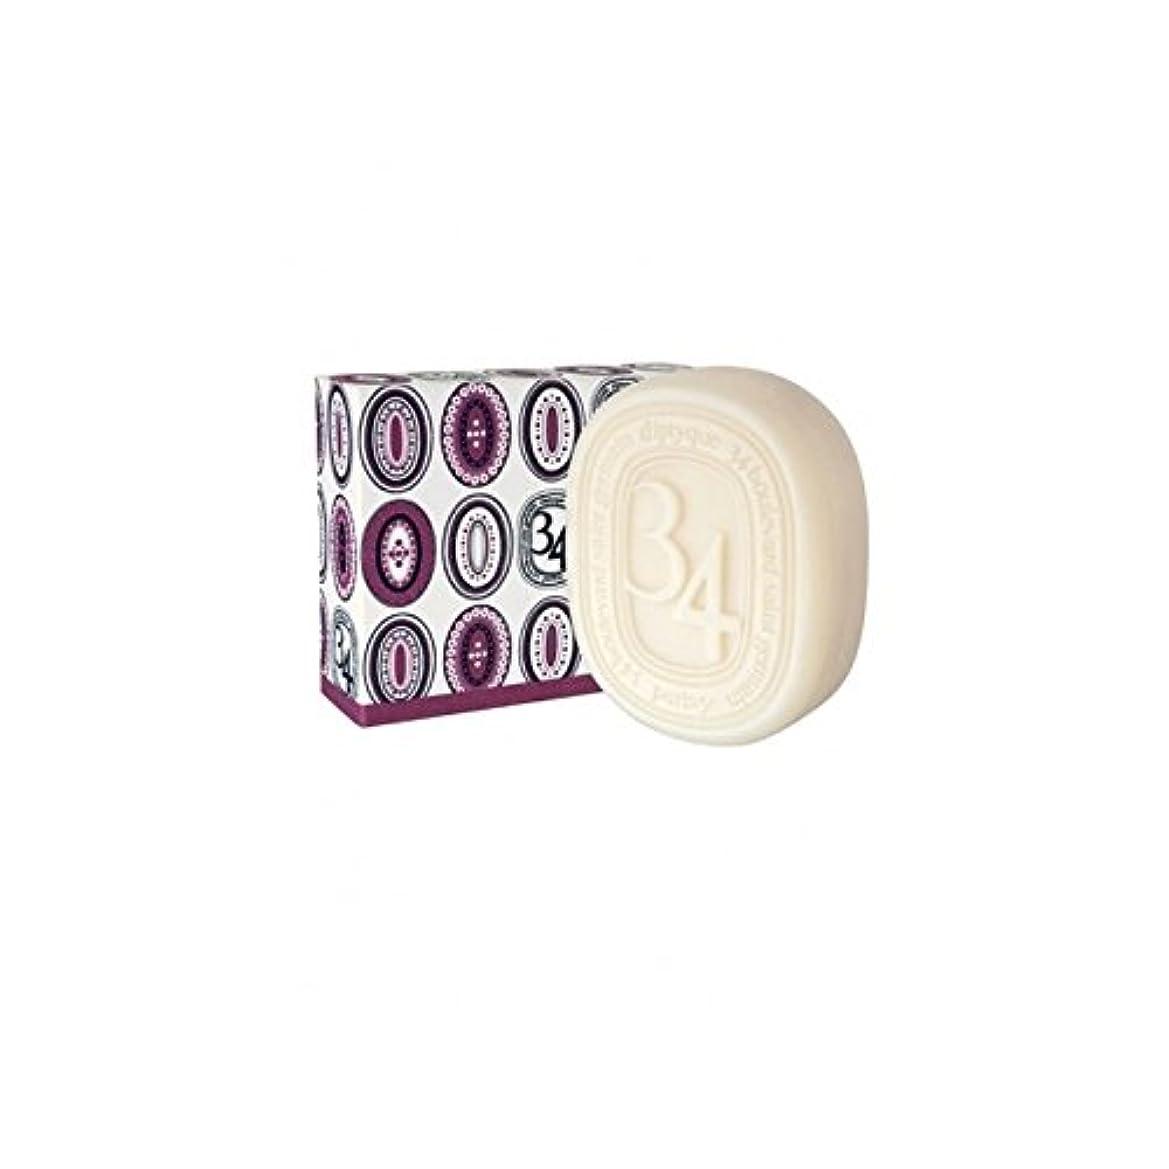 ランダムエネルギー征服するDiptyque Collection 34 Boulevard Saint Germain Soap 100g (Pack of 6) - Diptyqueコレクション34大通りサンジェルマン石鹸100グラム (x6) [並行輸入品]